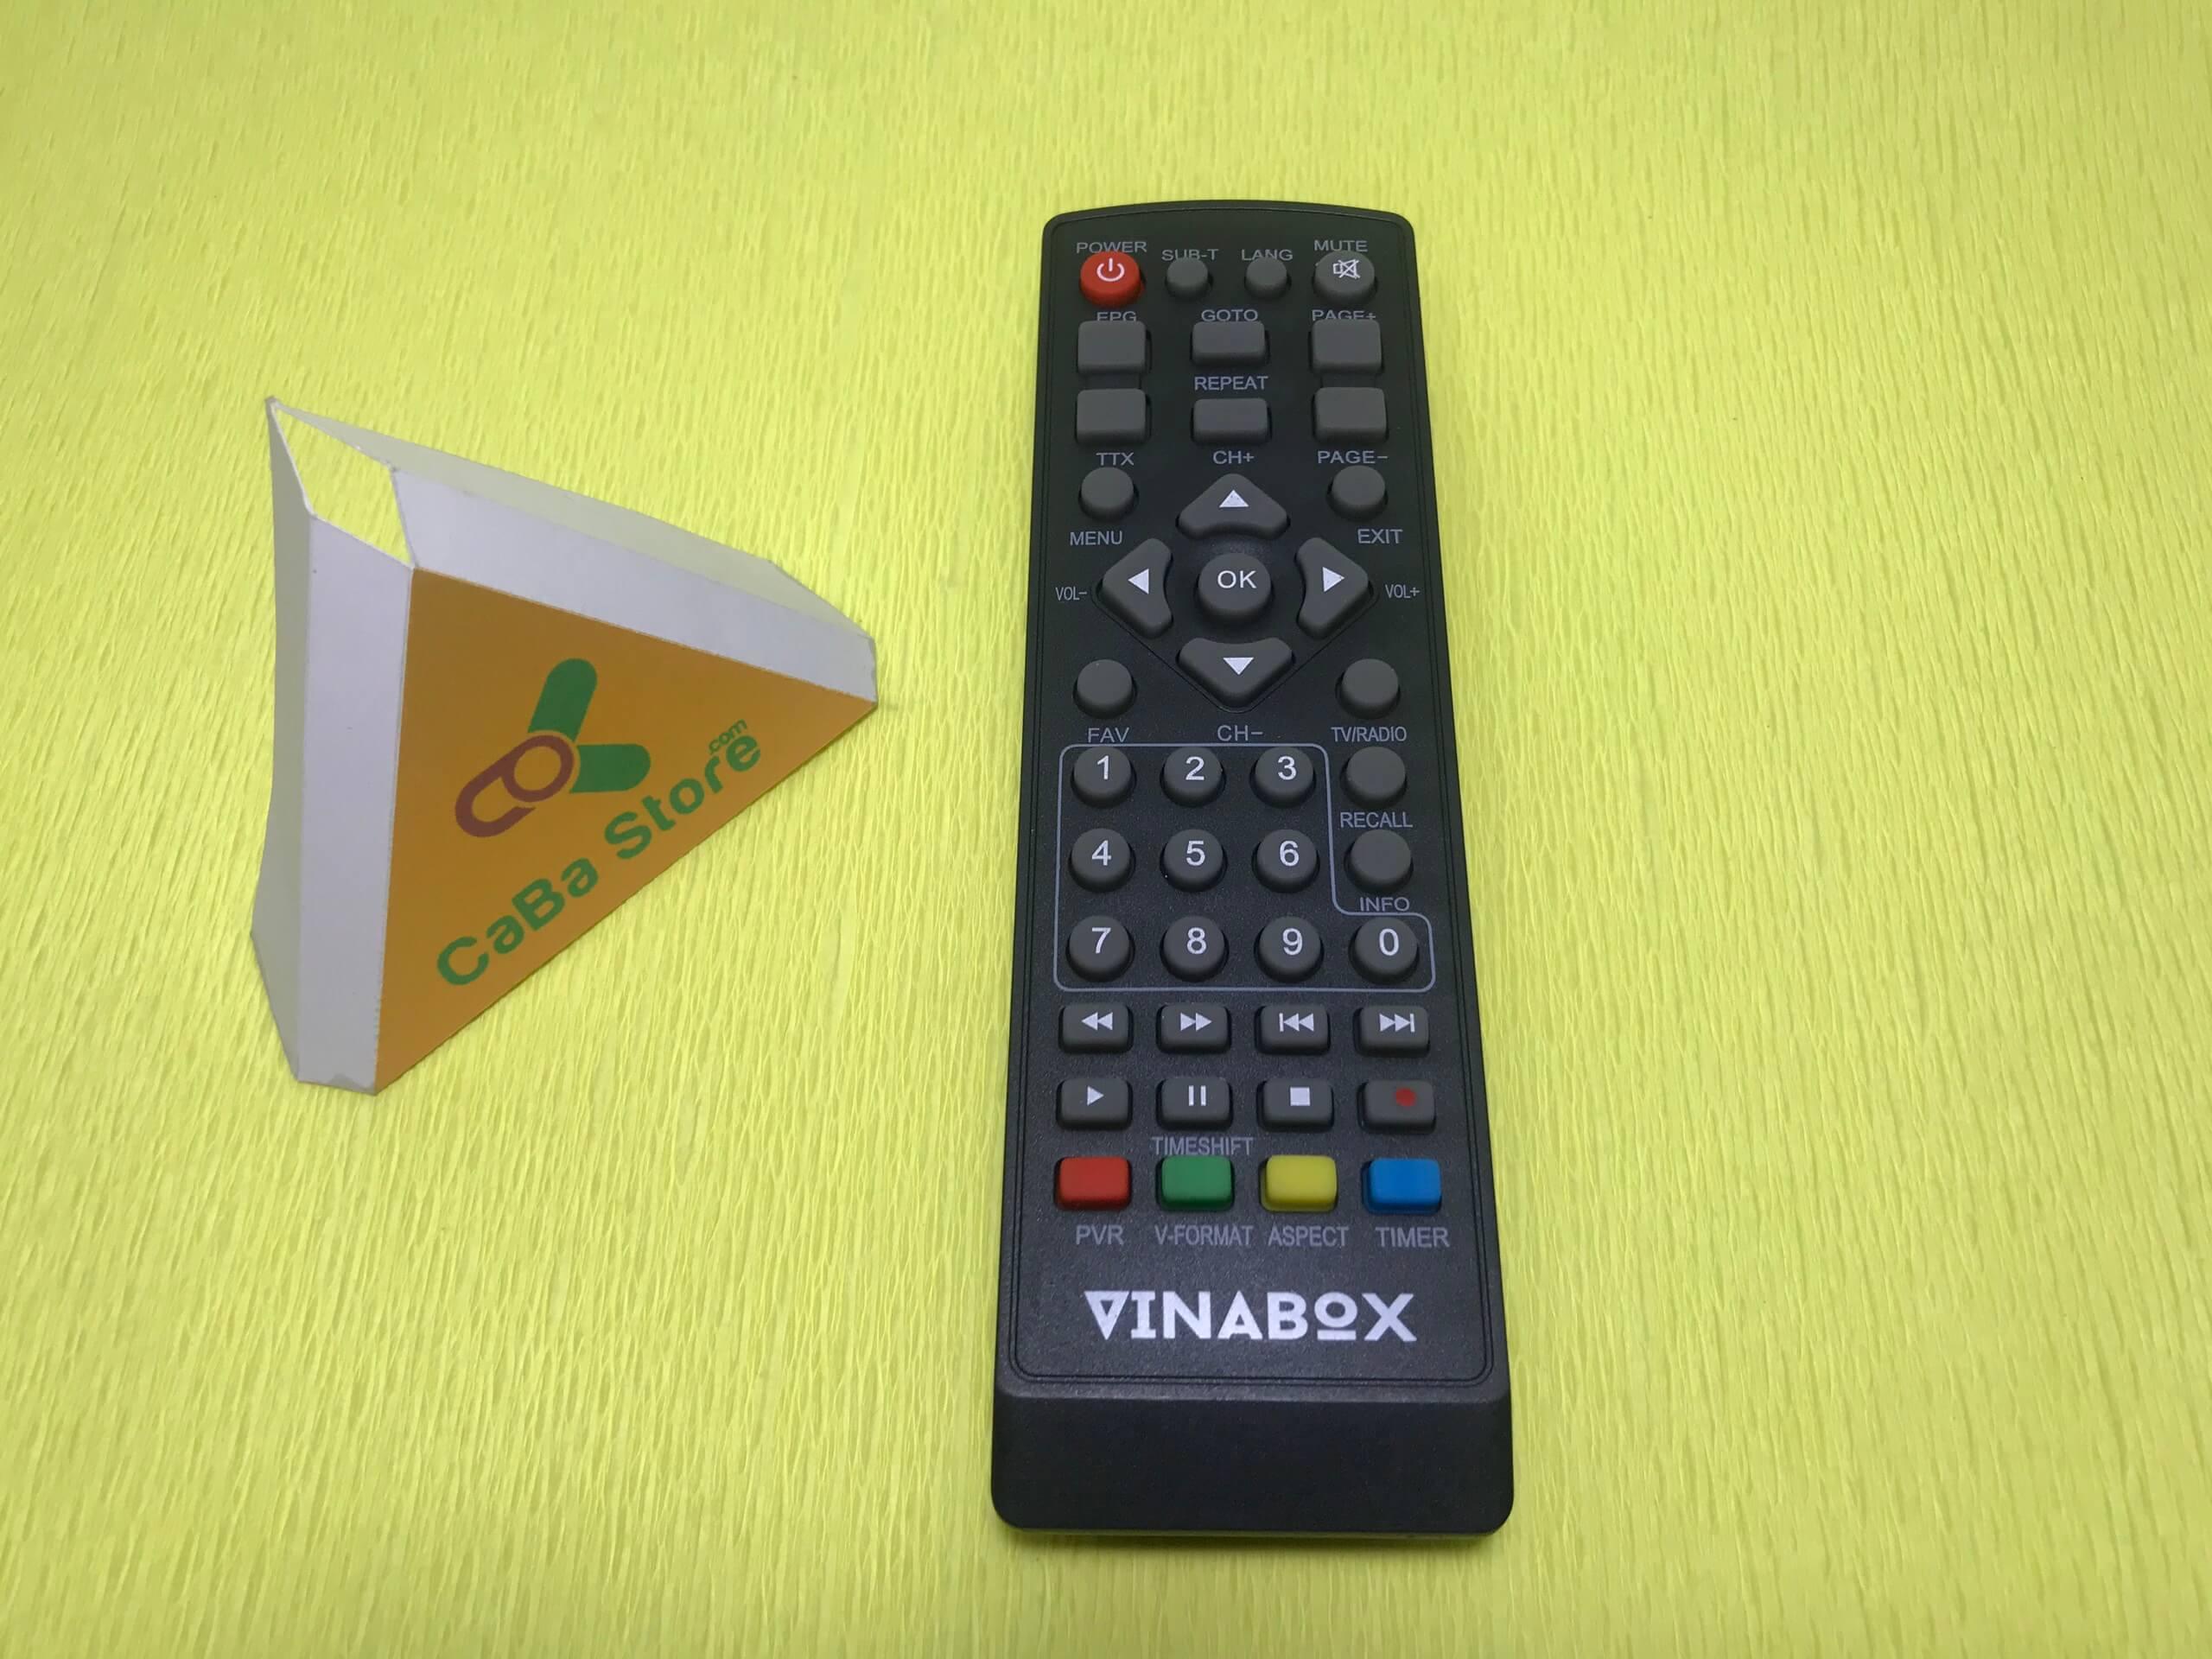 Đầu thu mặt đất DVB-T2 Vinabox T220s | Uy Tín - Chất Lượng